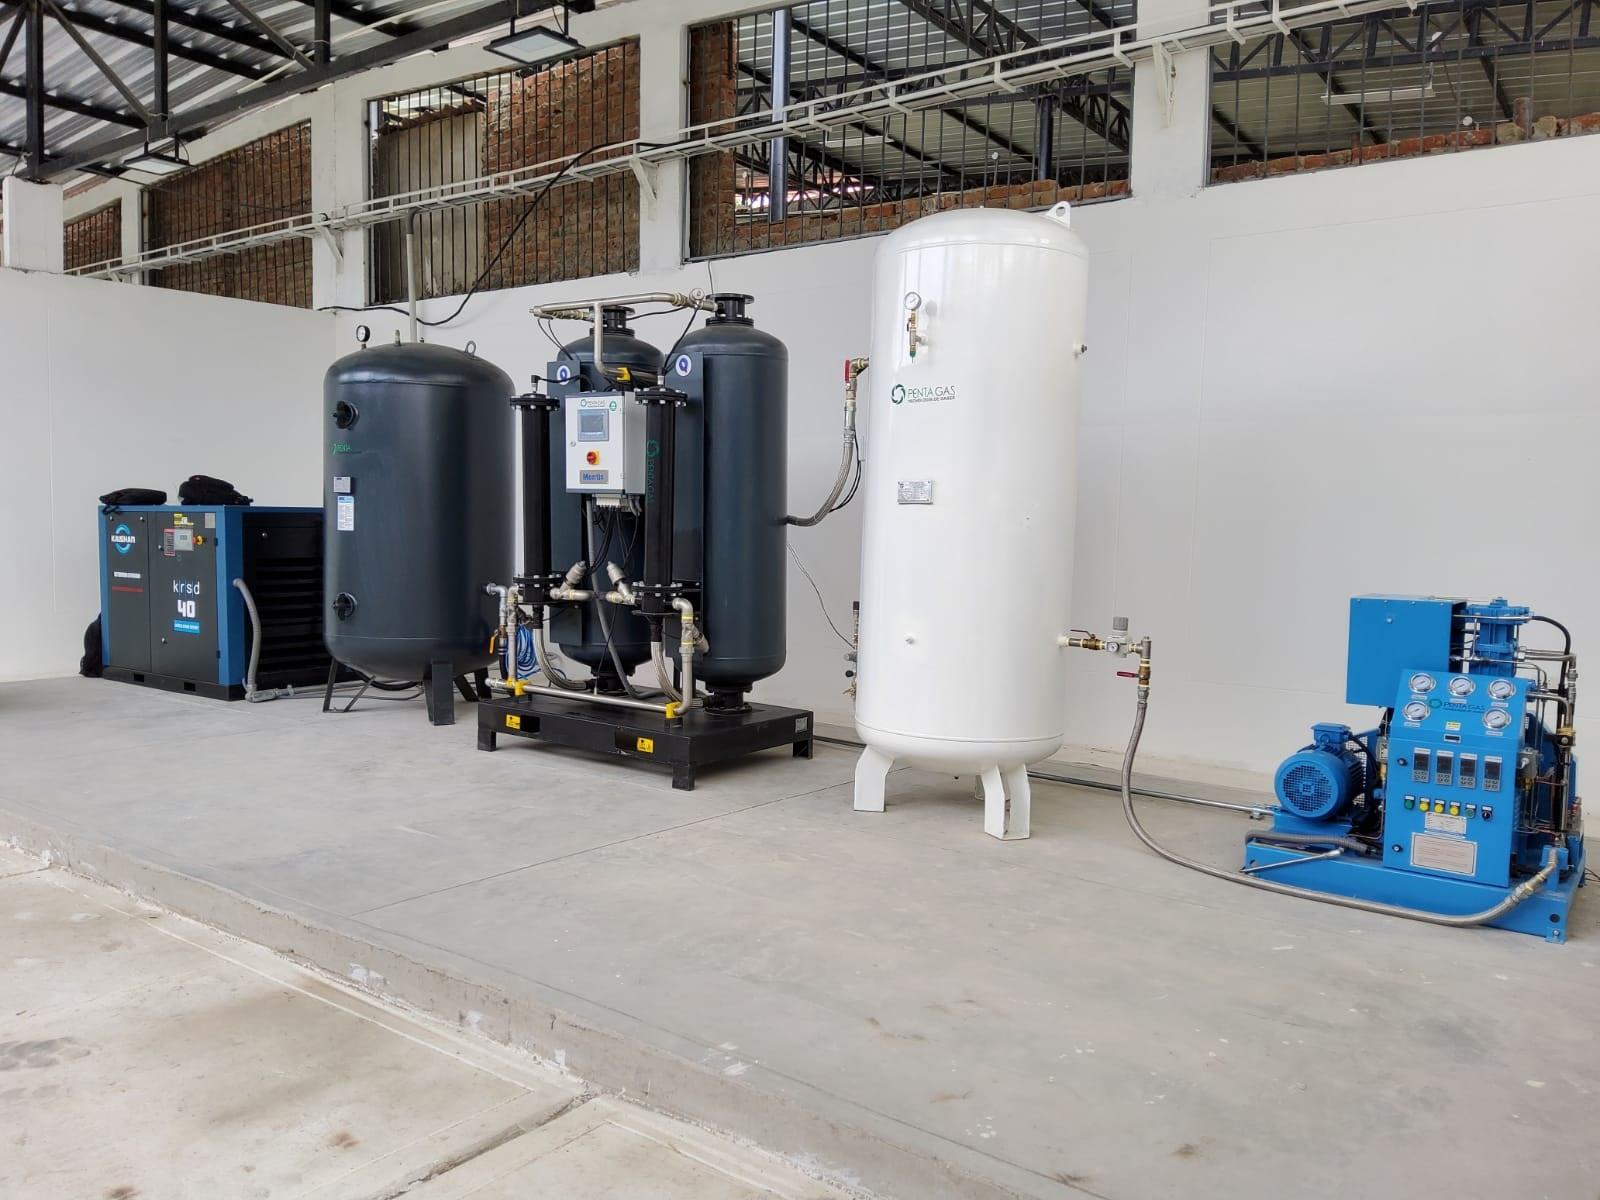 fabricacion_de_plantas_generadoras_de_oxigeno_medicinal